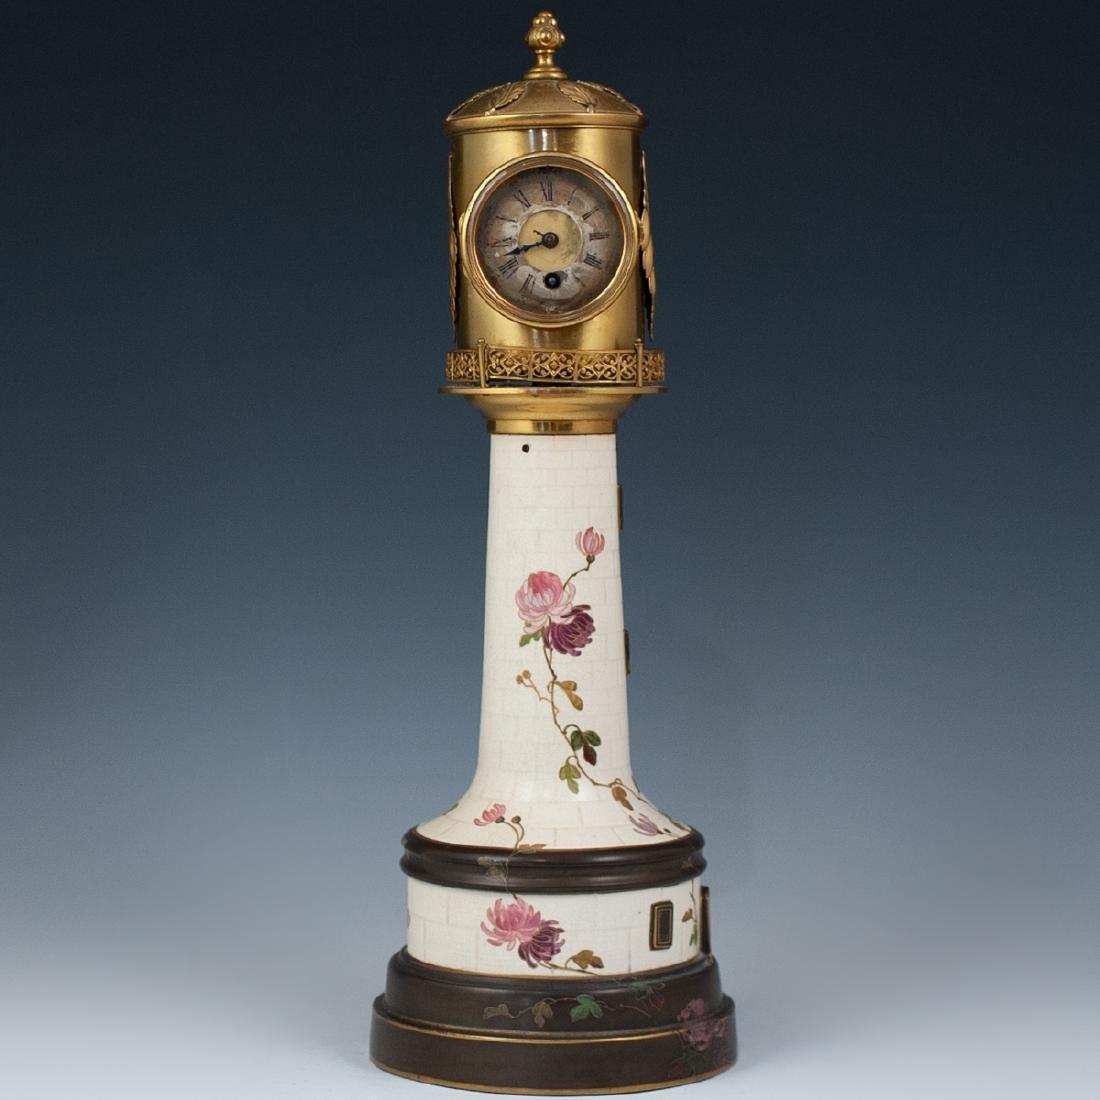 Antique Porcelain Lighthouse Clock/Barometer